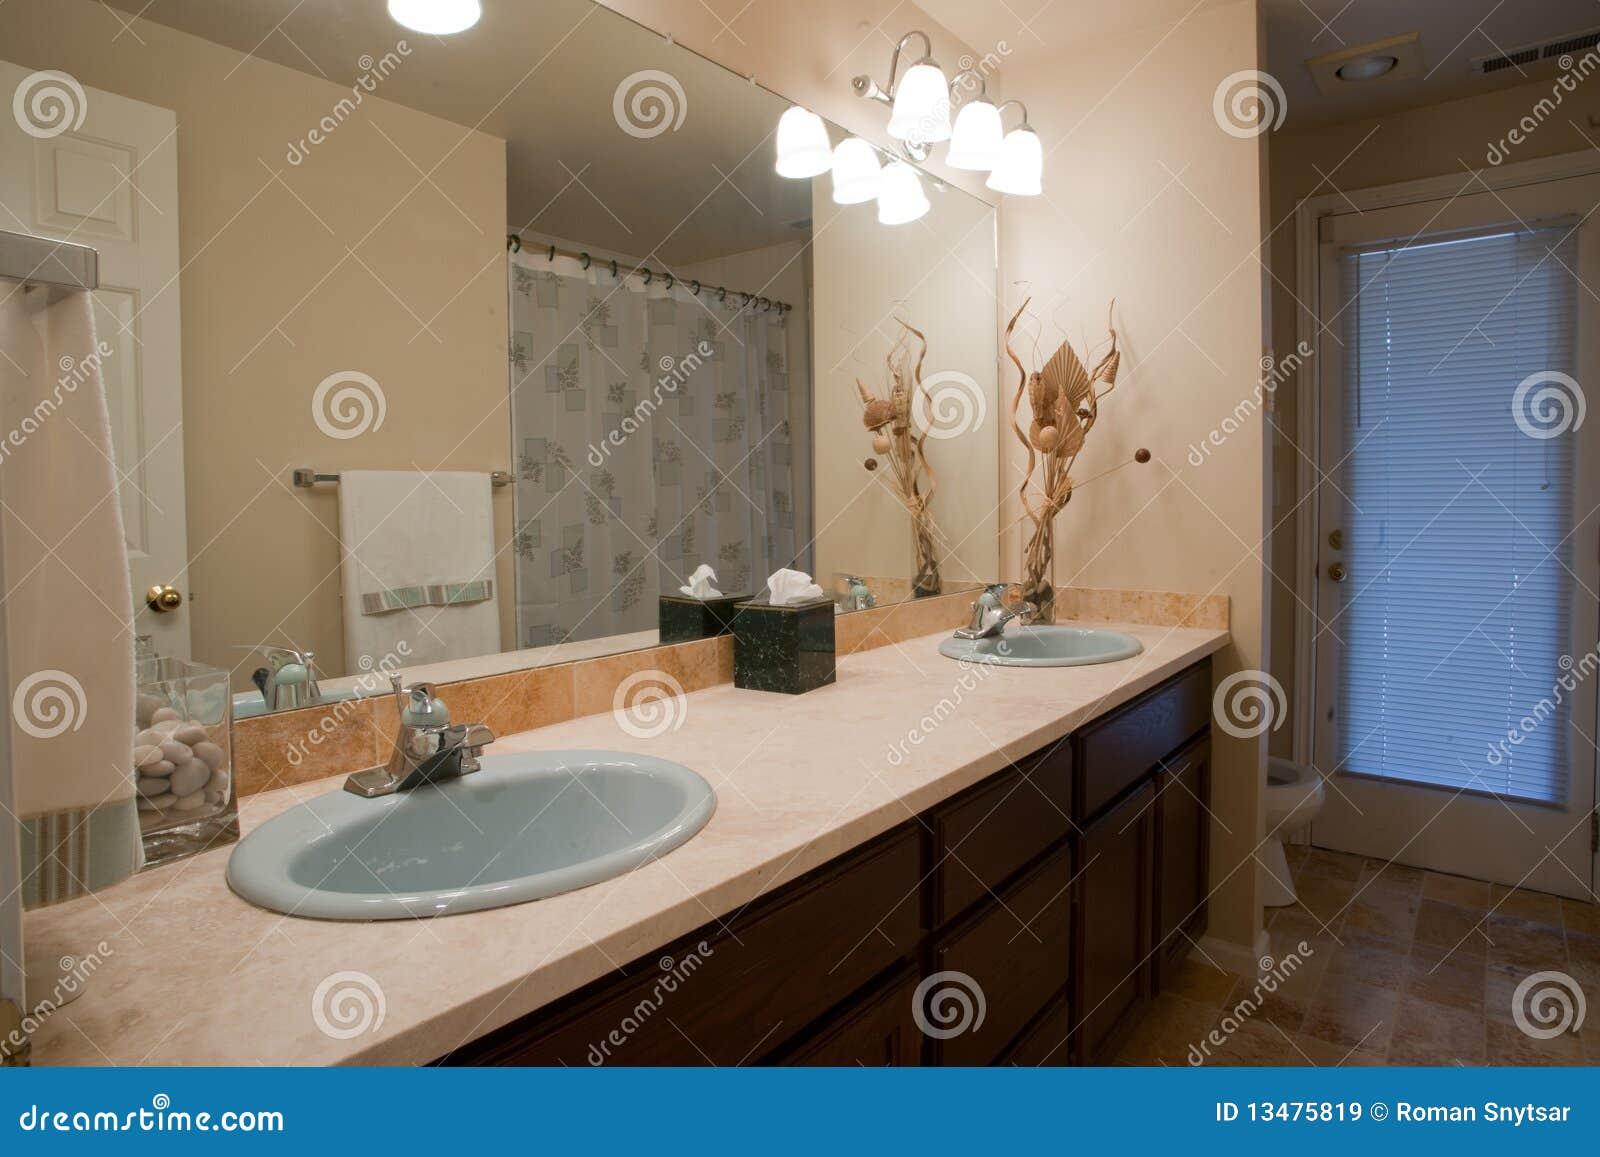 Imagens de Stock Royalty Free: Banheiro luxuoso com grande espelho #90633B 1300 957